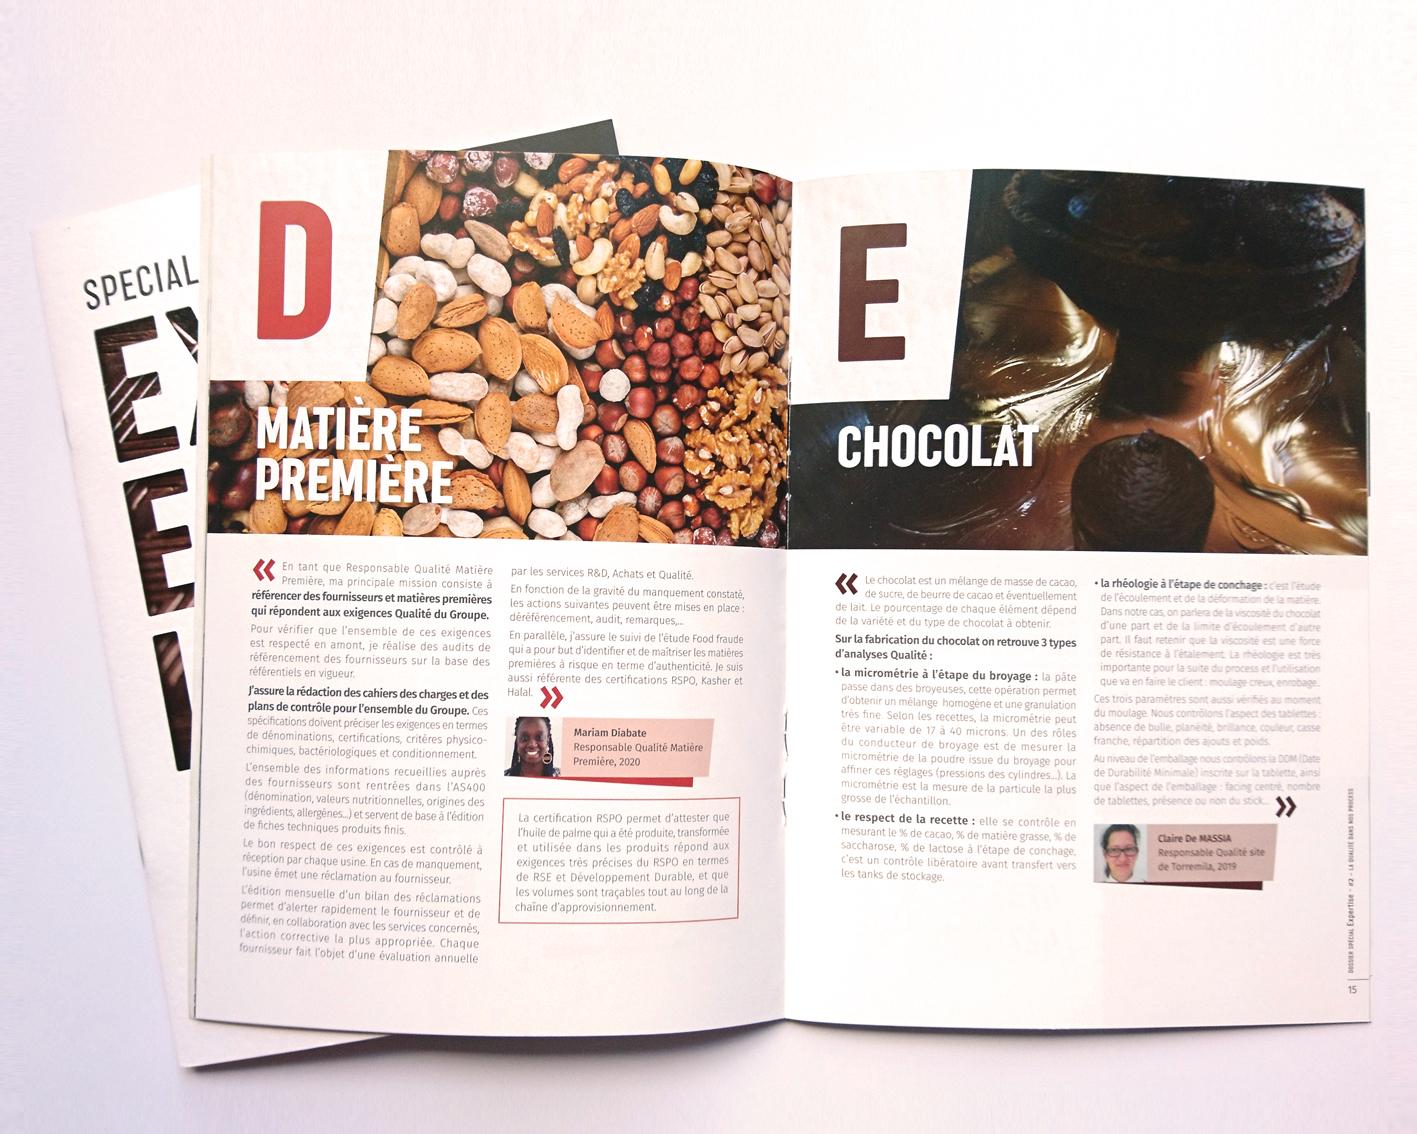 cemoi-livret-expertise2-image3.jpg